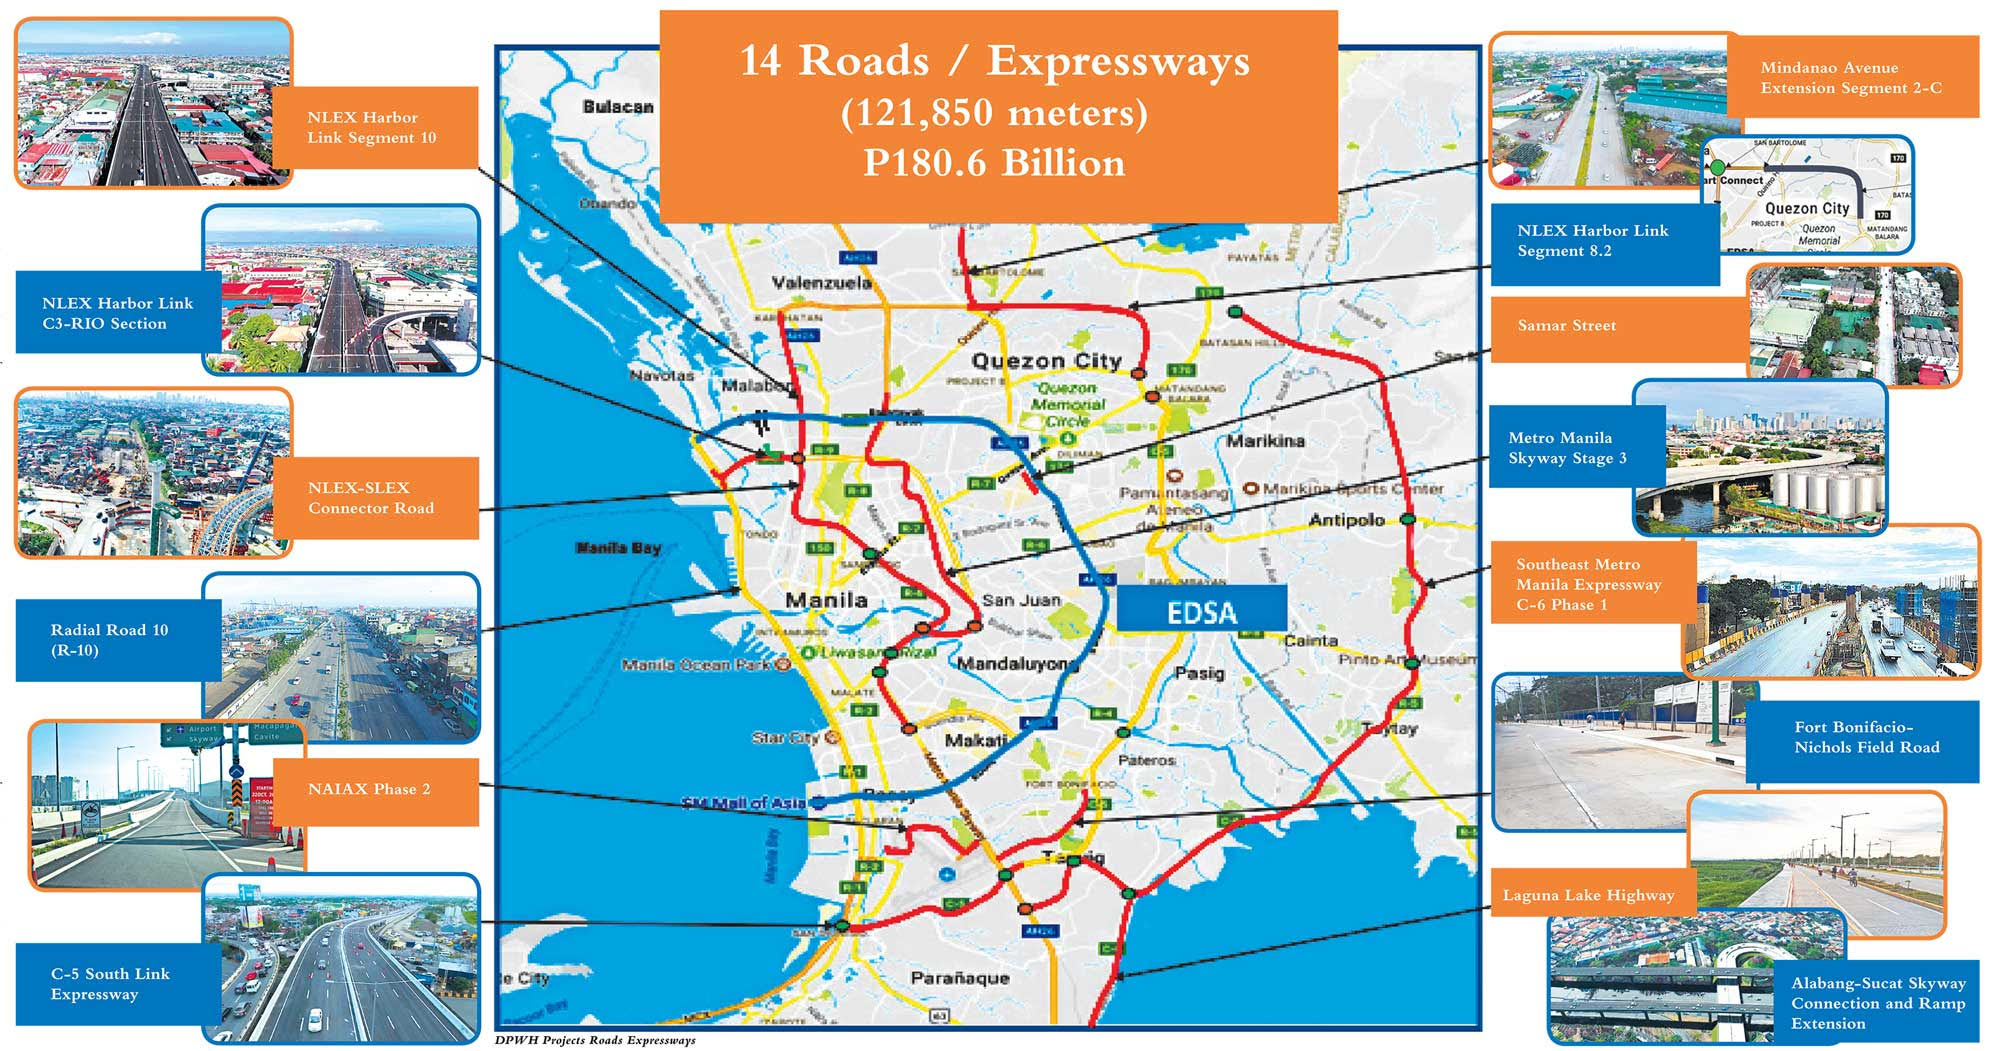 dpwh2 - Duterte's EDSA decongestion masterplan set to ease travel around Metro Manila, expressways